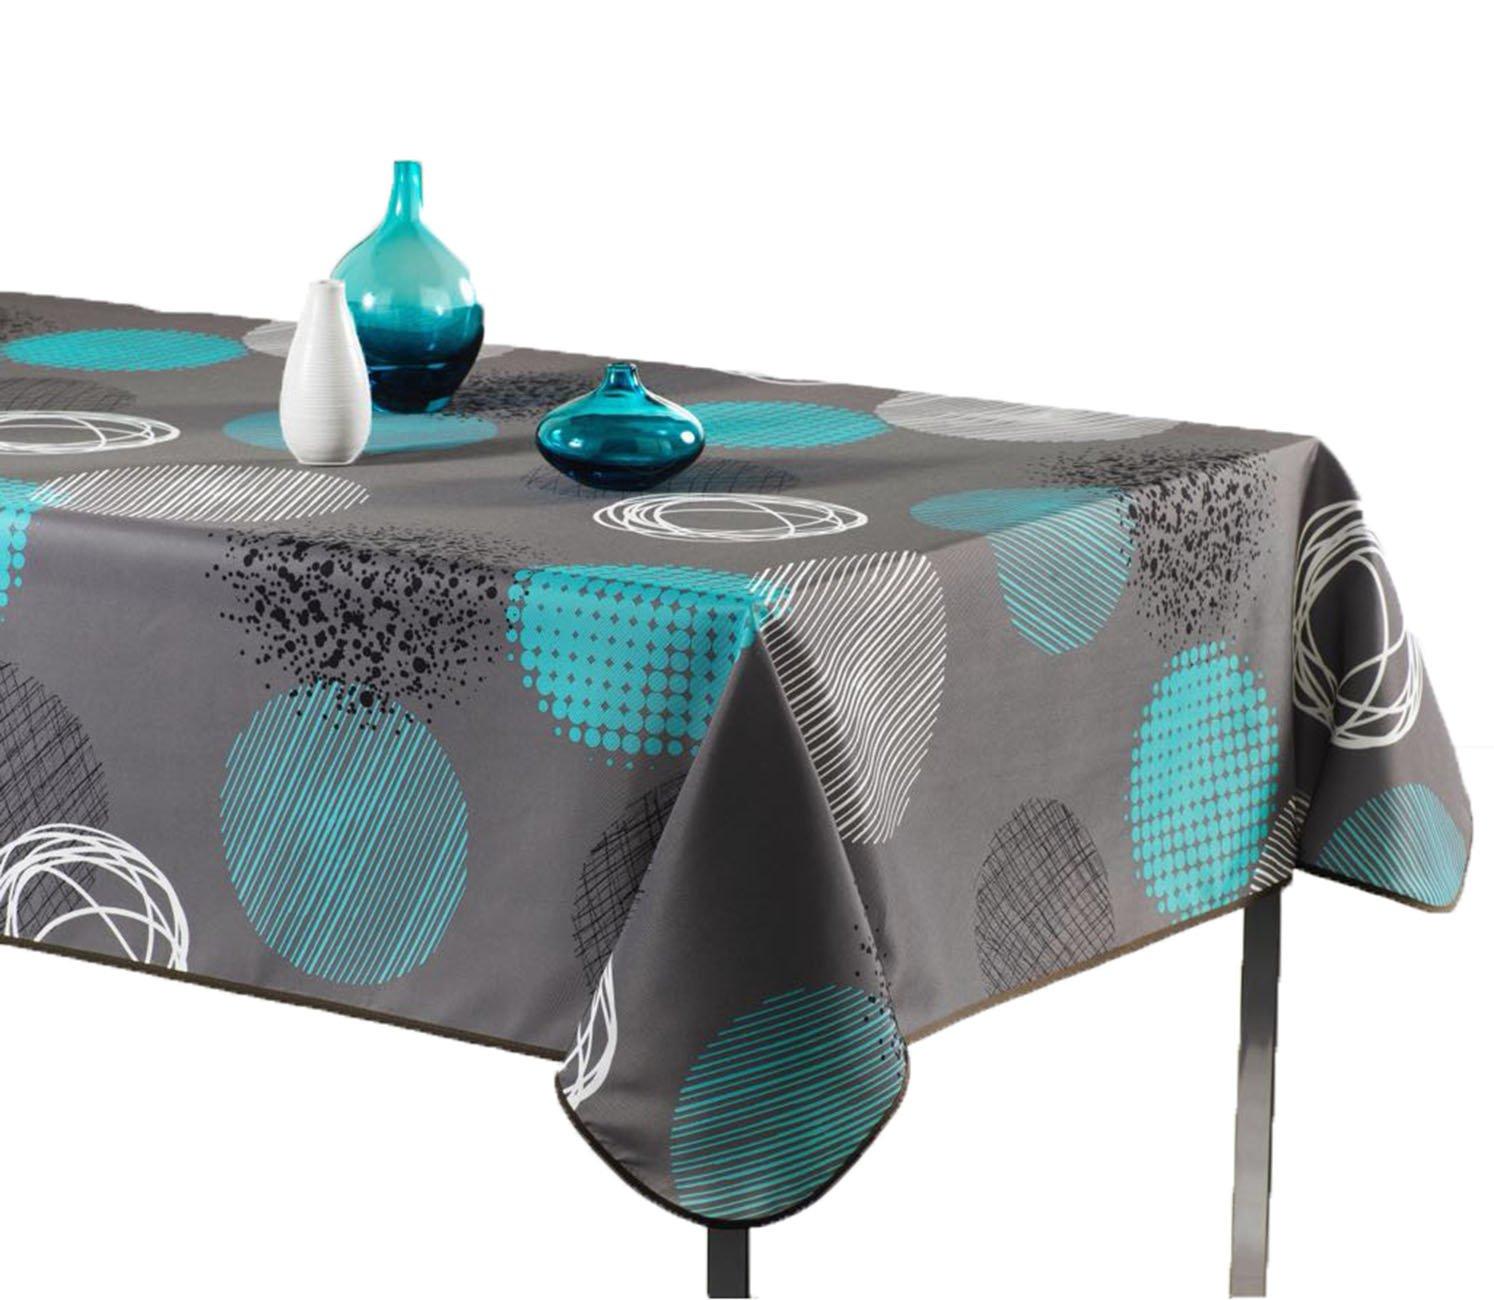 de algod/ón cuadrada Xmansky Funda de coj/ín para sof/ás y camas de Coj/ín de funda de almohada mixta estilo europeo de lino estampado floral